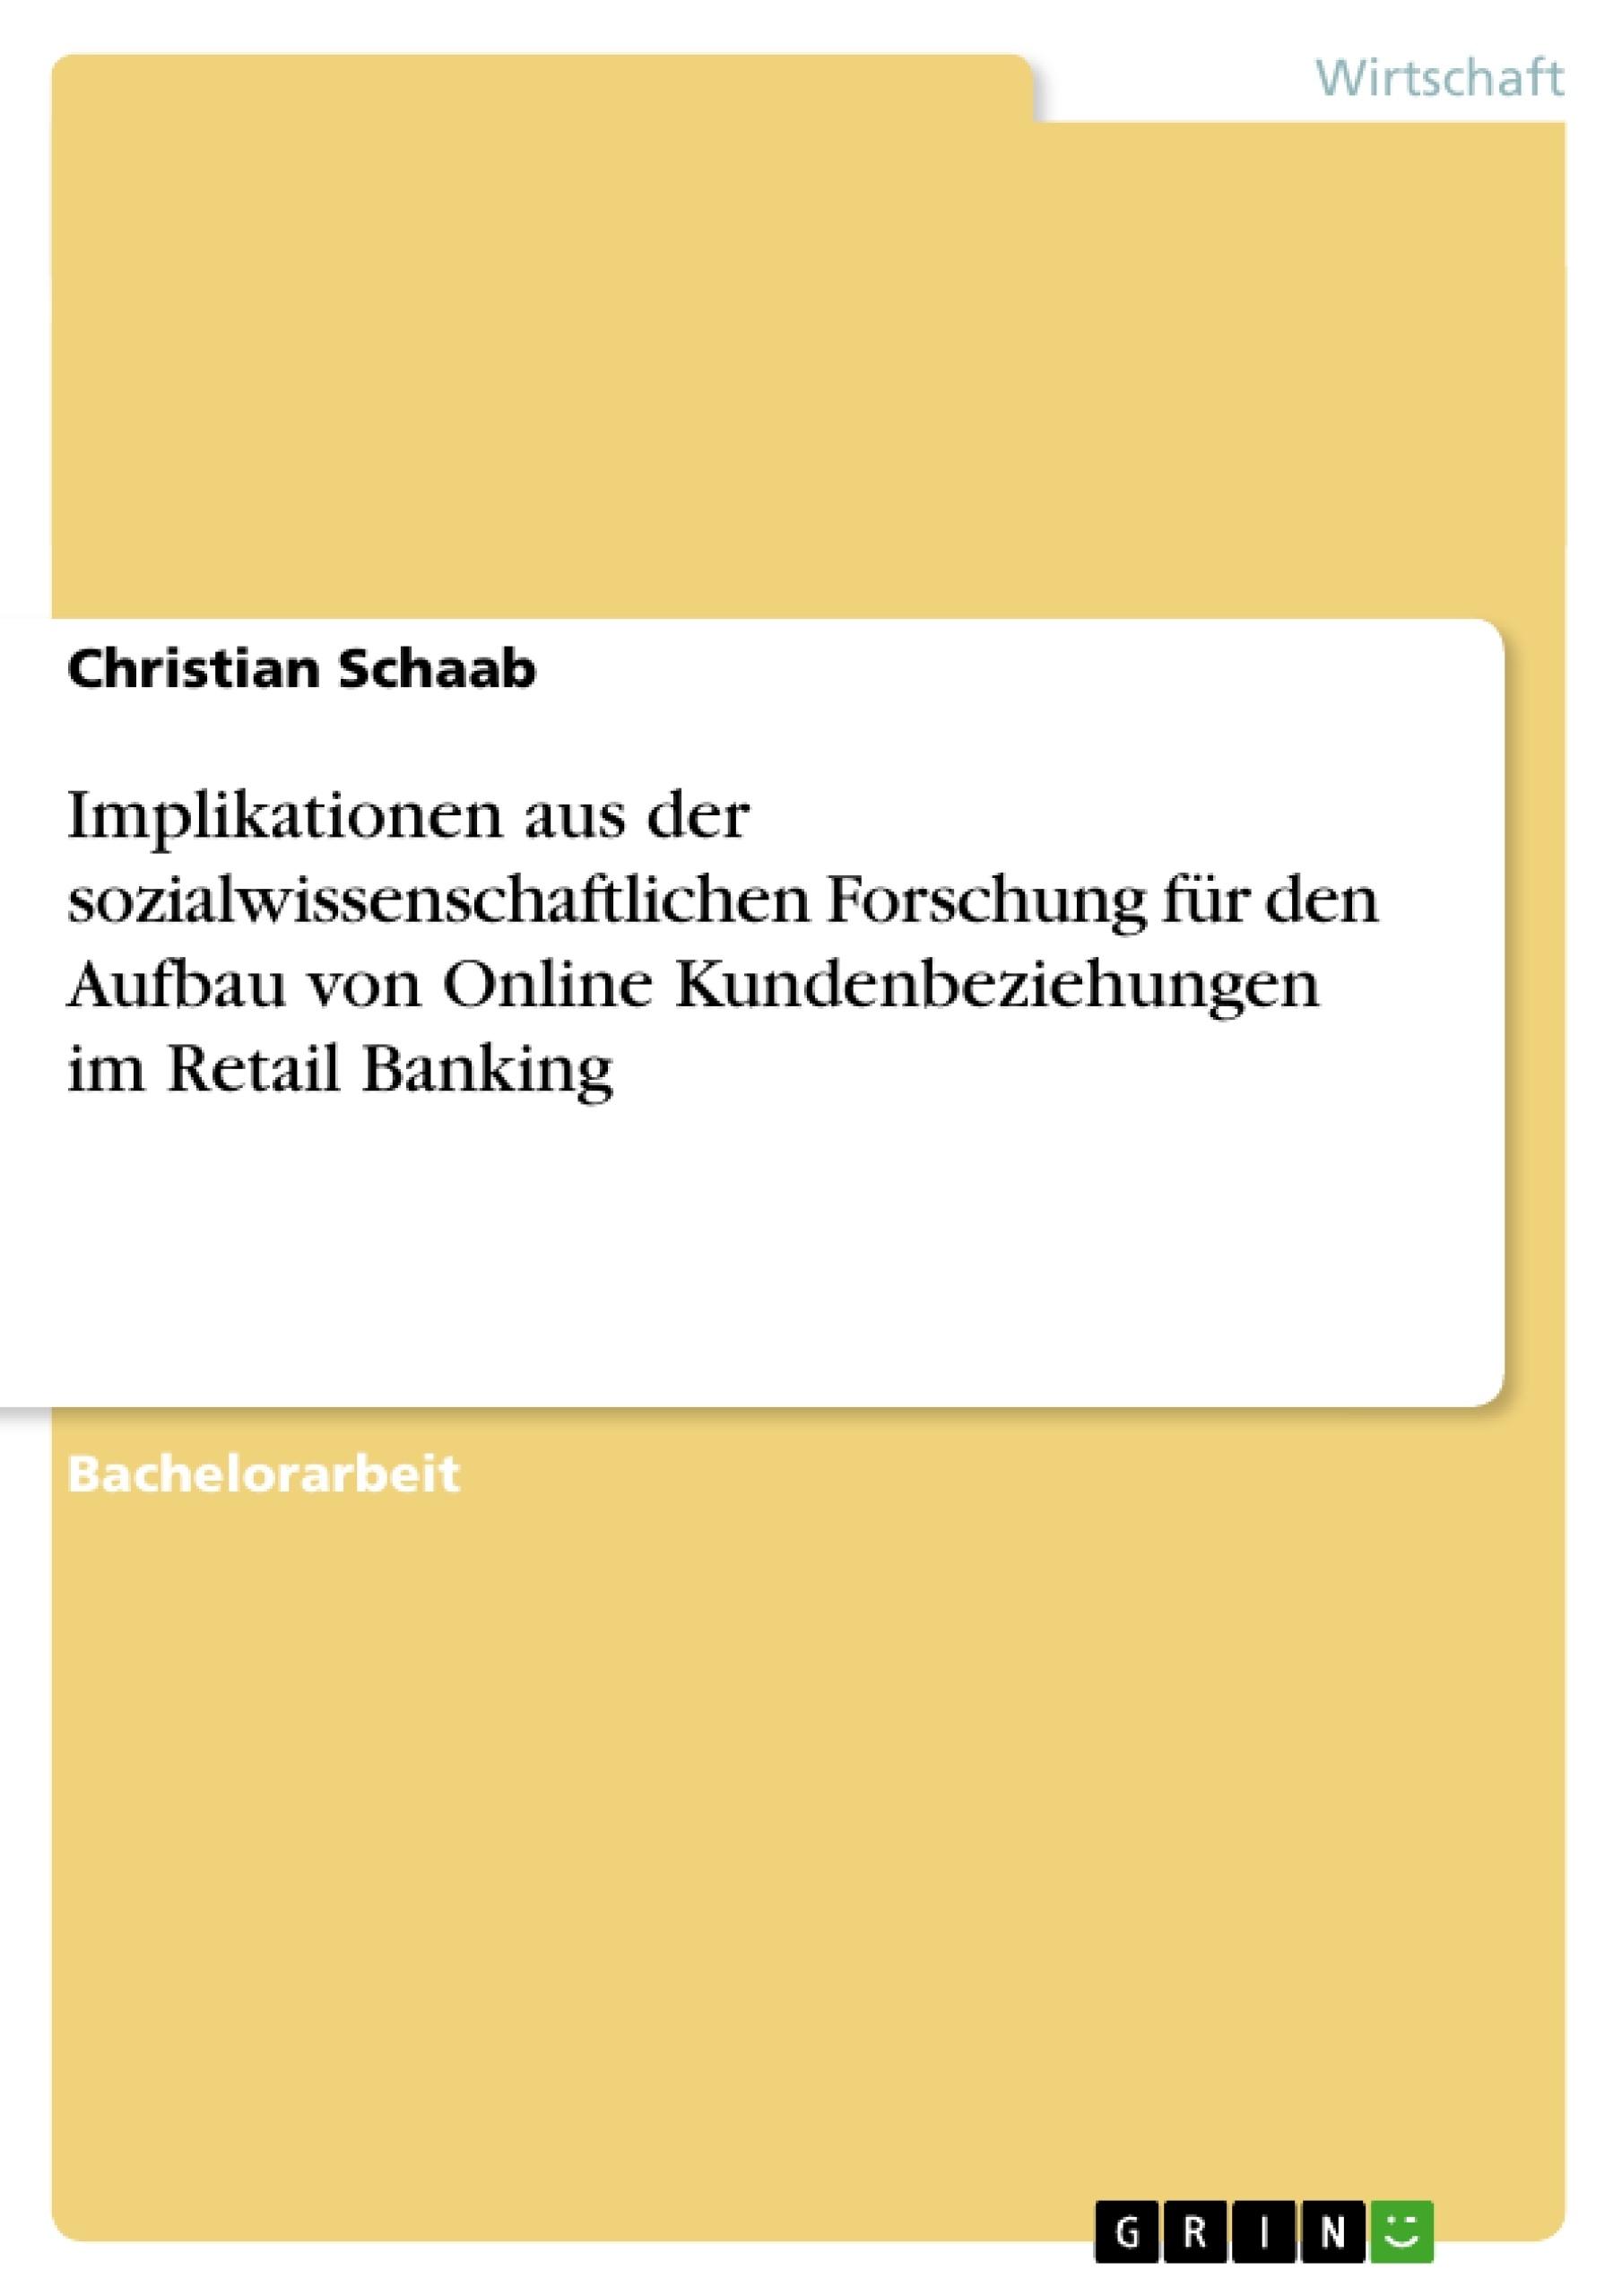 Titel: Implikationen aus der sozialwissenschaftlichen Forschung für den Aufbau von Online Kundenbeziehungen im Retail Banking